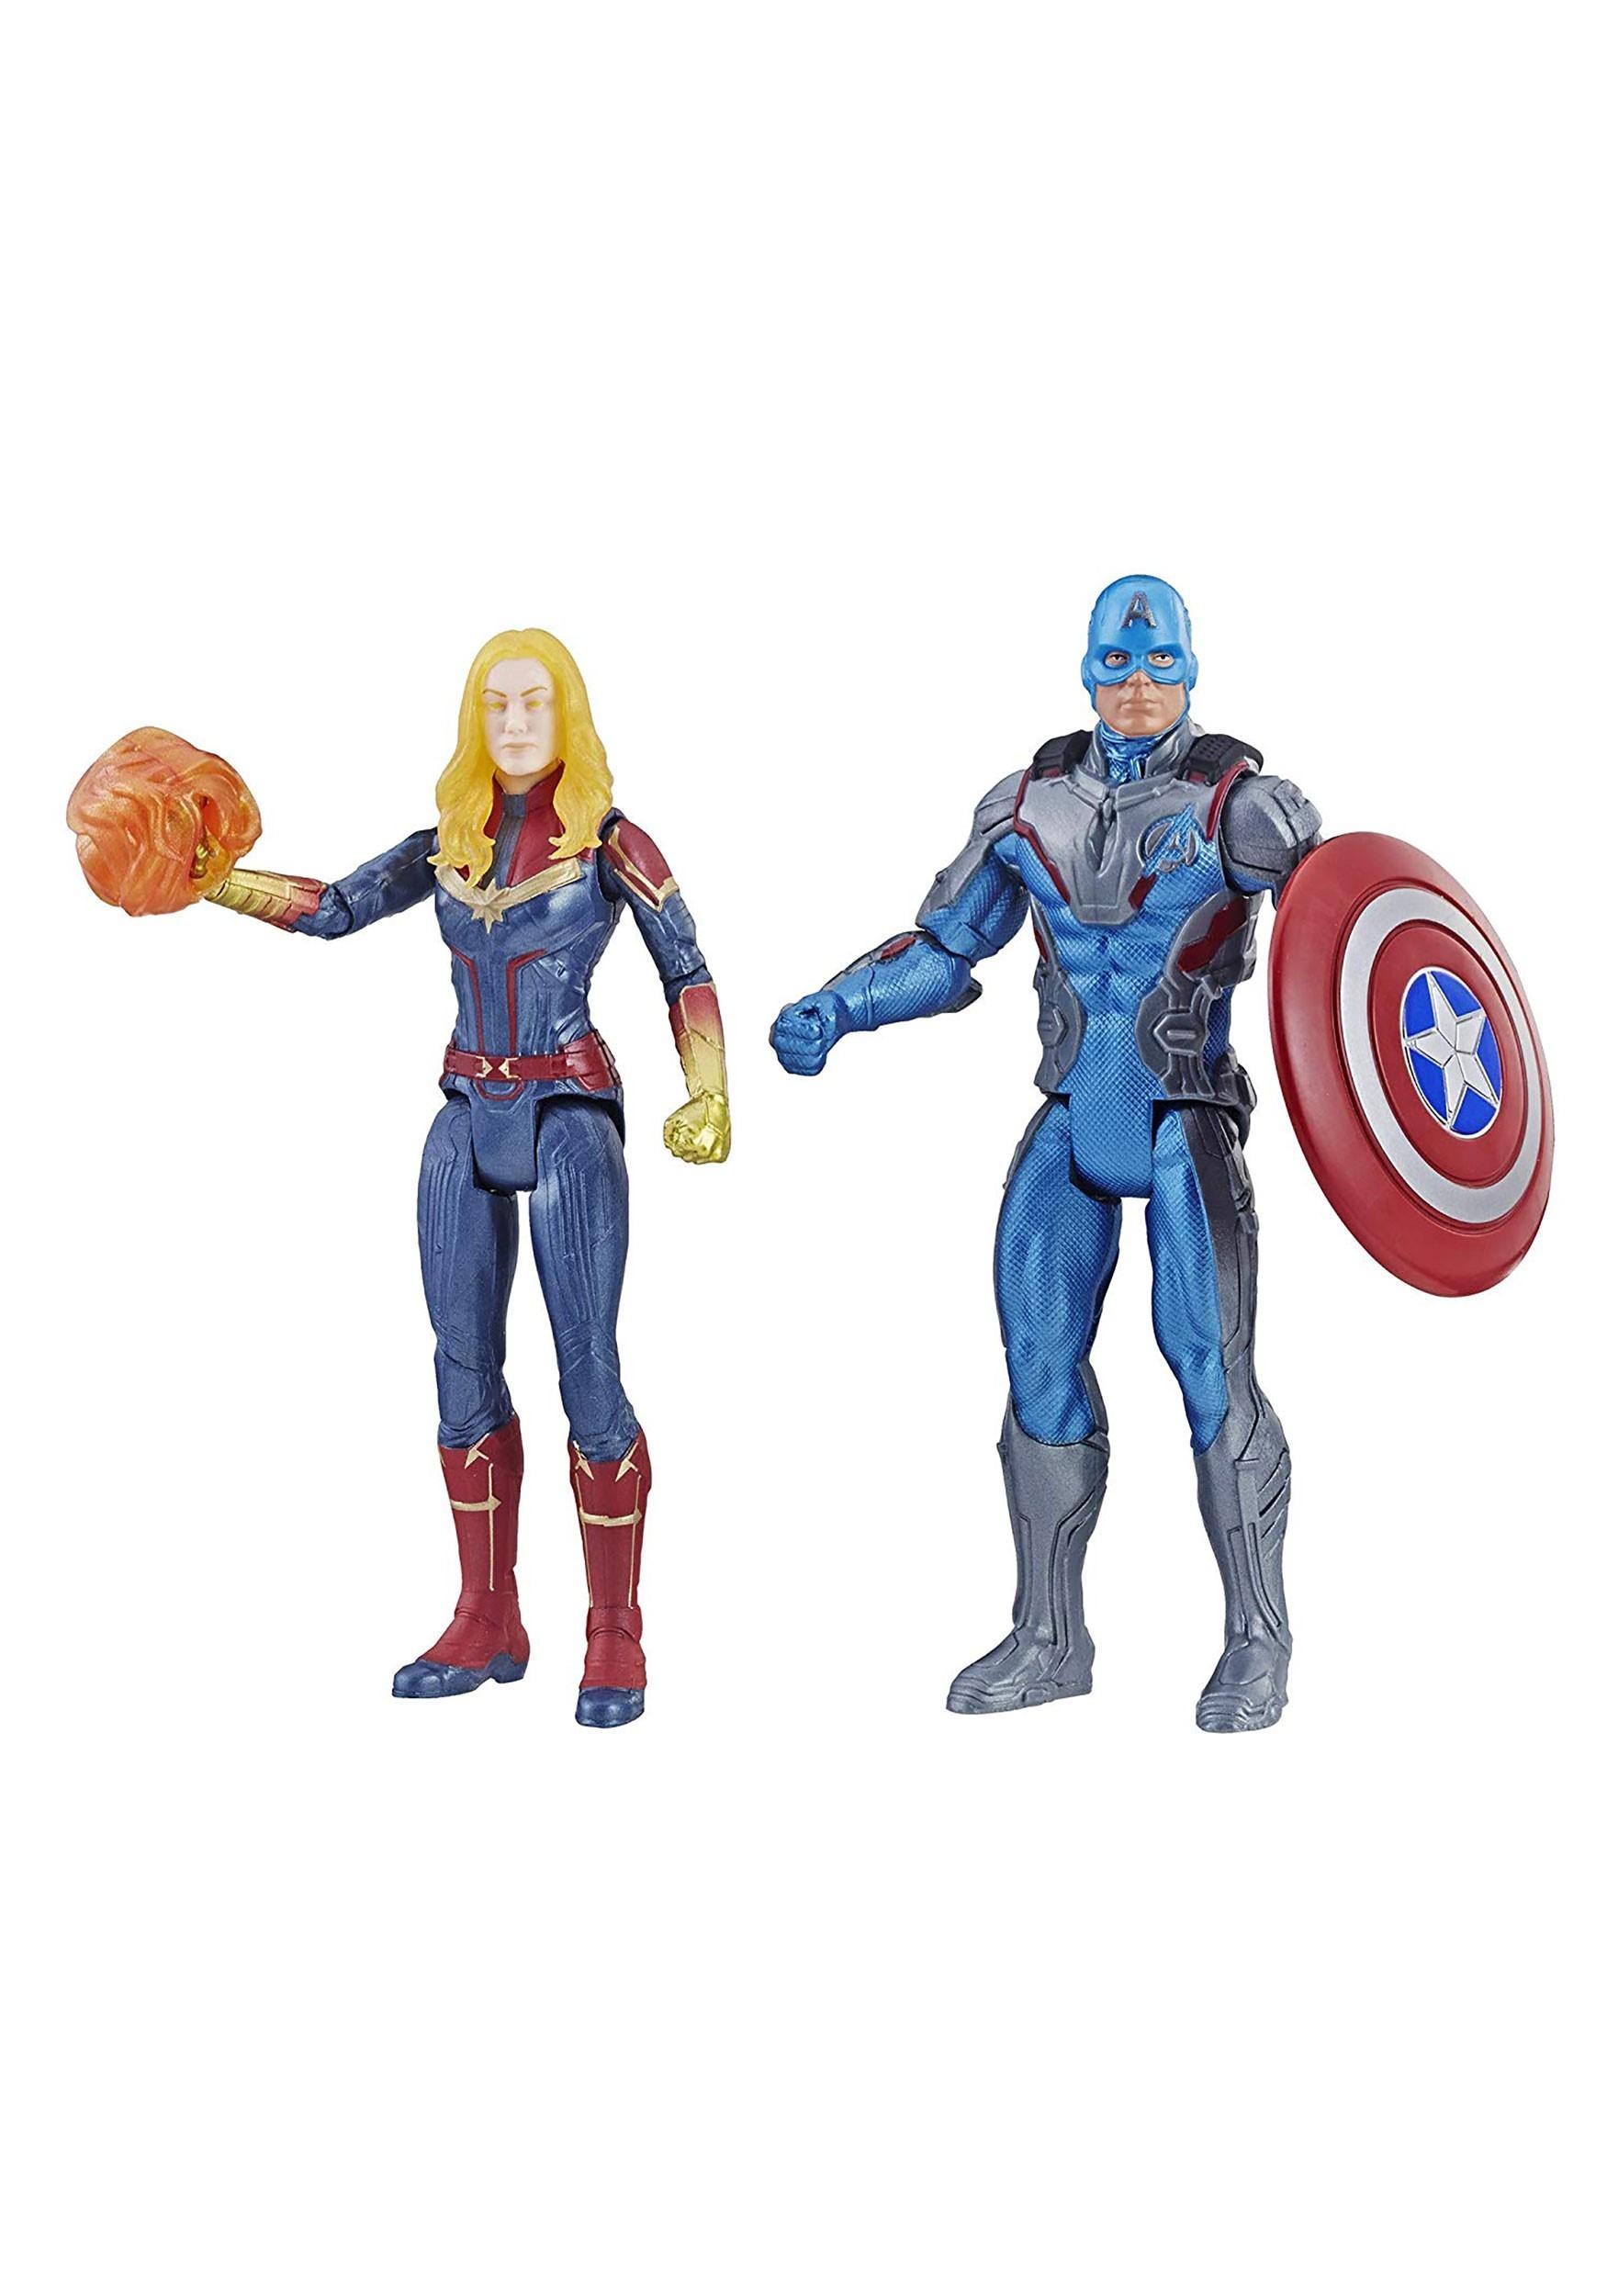 Avengers Endgame Captain Marvel Figure Action Game Toy Children Comic Super Hero